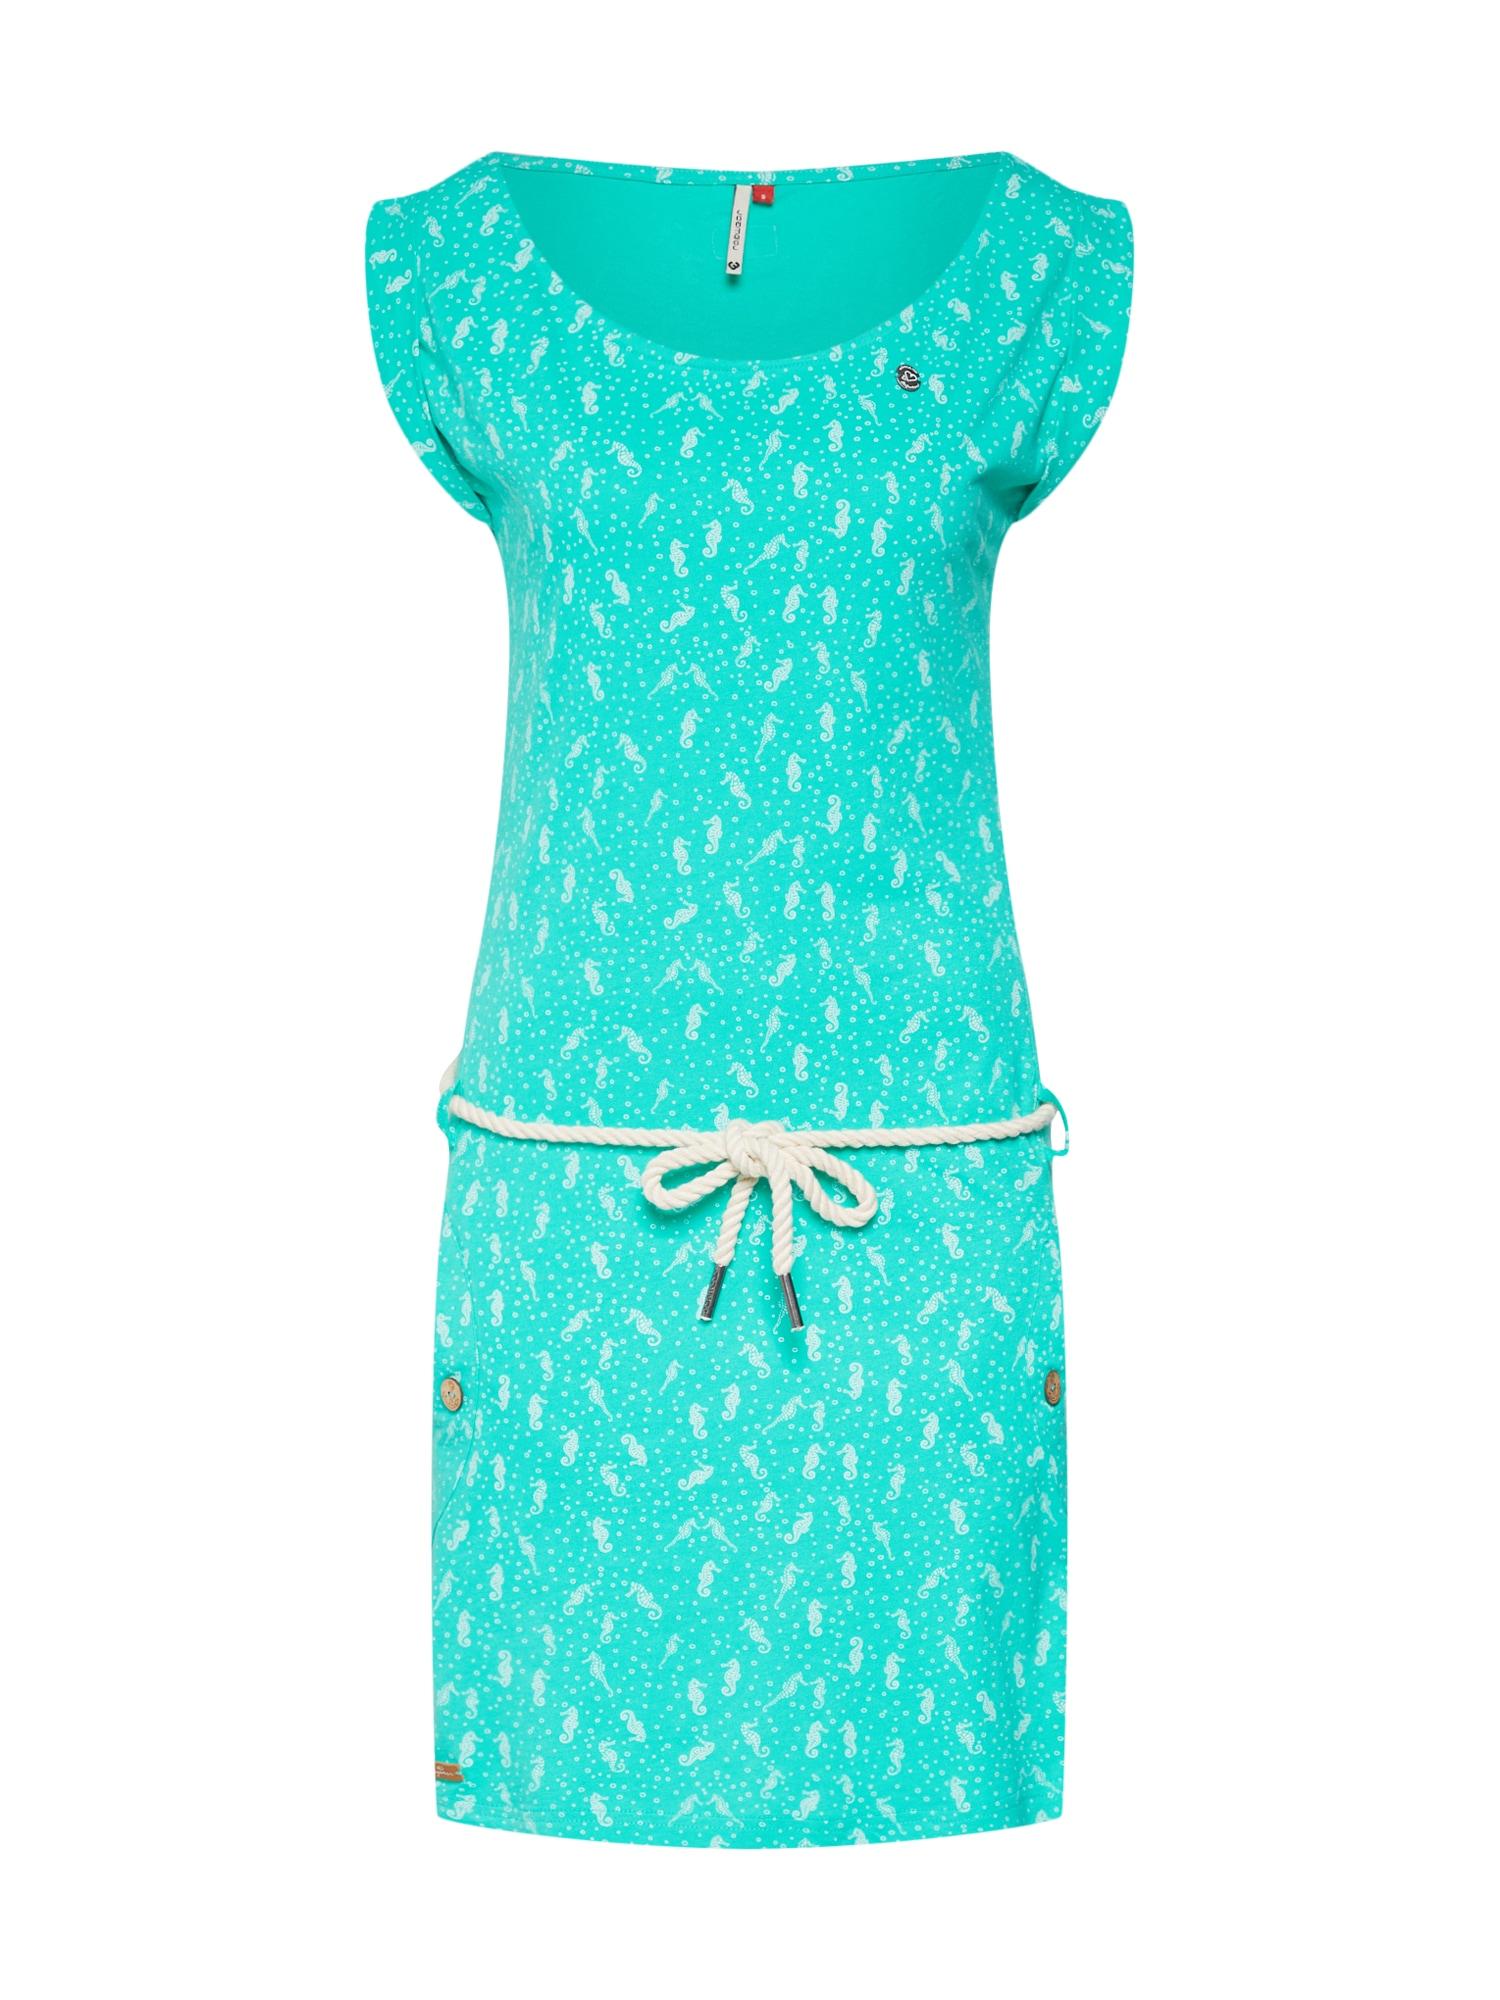 Letní šaty TAGALI tyrkysová světle hnědá bílá Ragwear